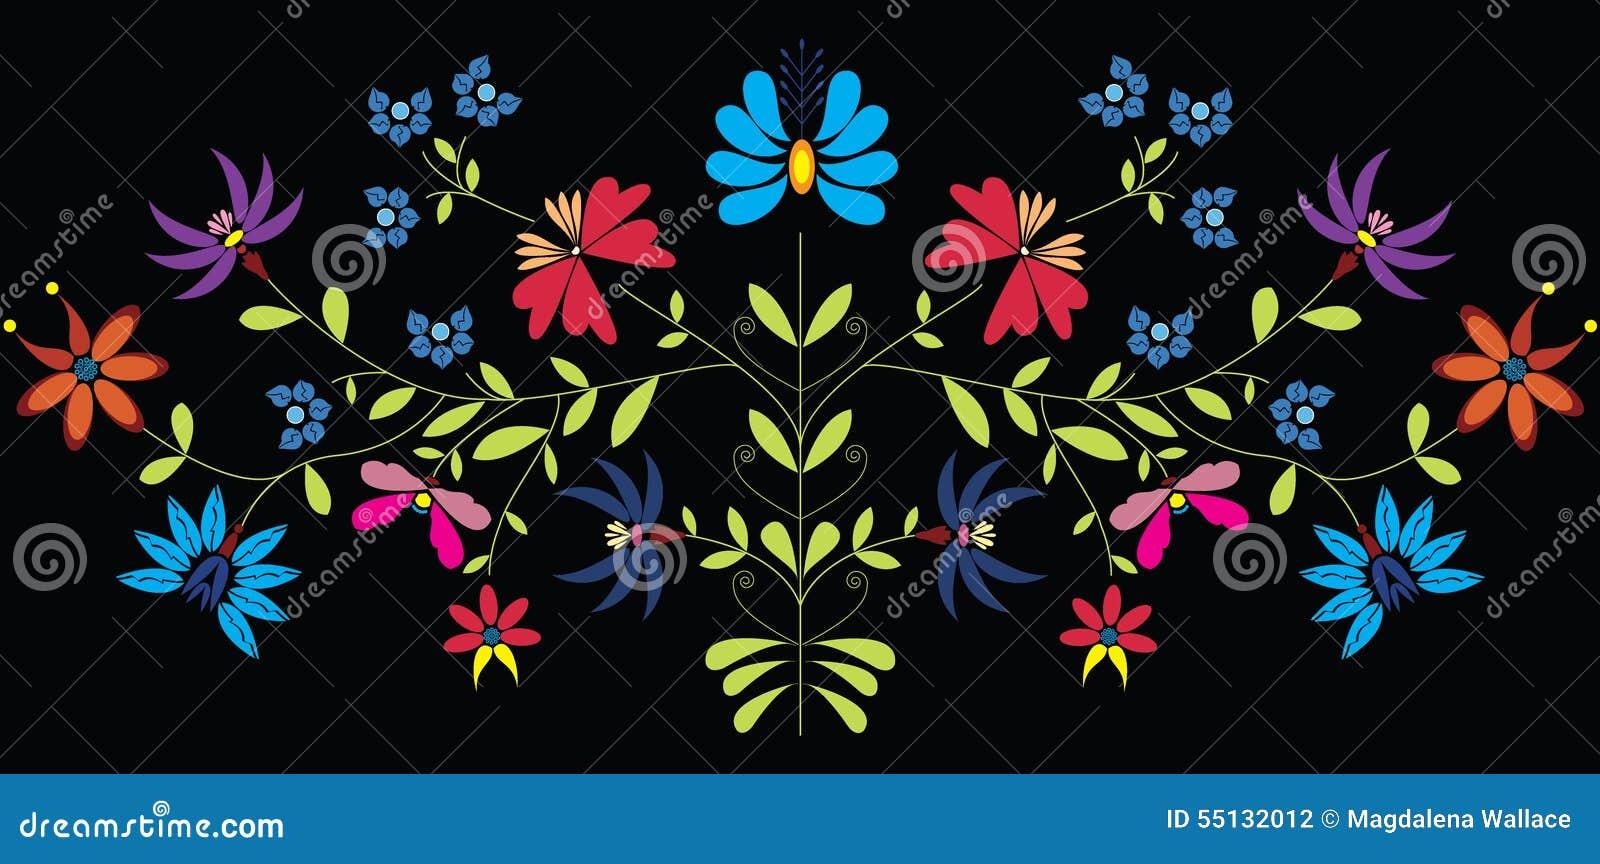 La culture européenne a inspiré le modèle floral folklorique en couleurs sur le fond noir